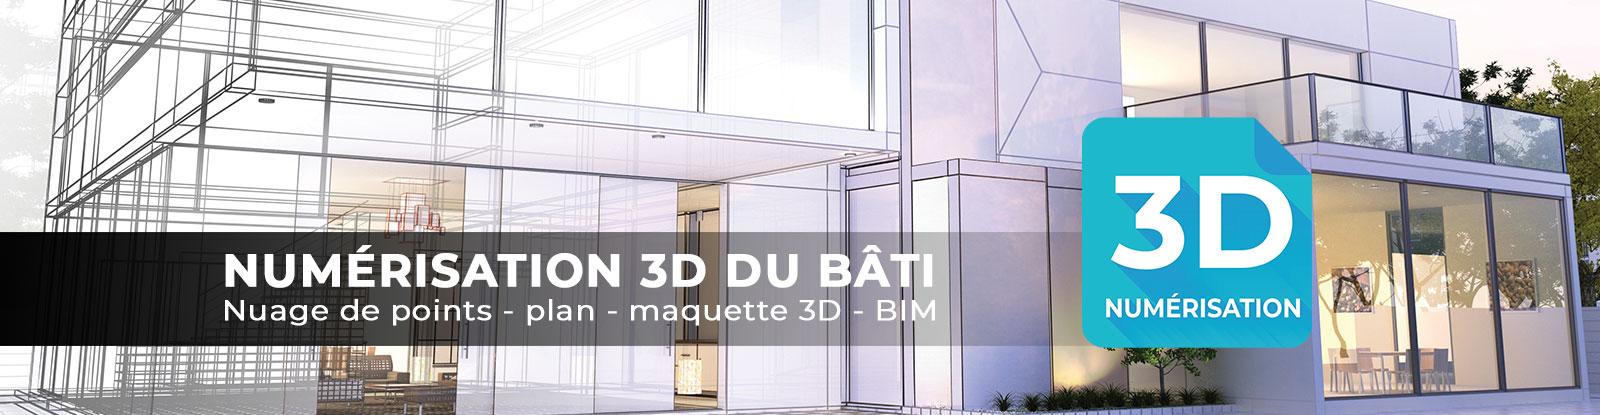 Numérisation 3D - BIM